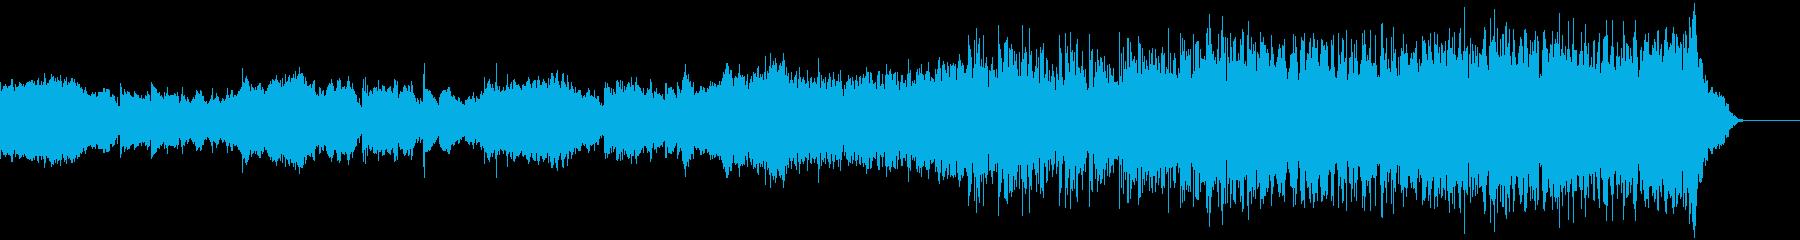 スリリングなオーケストラサウンドの再生済みの波形